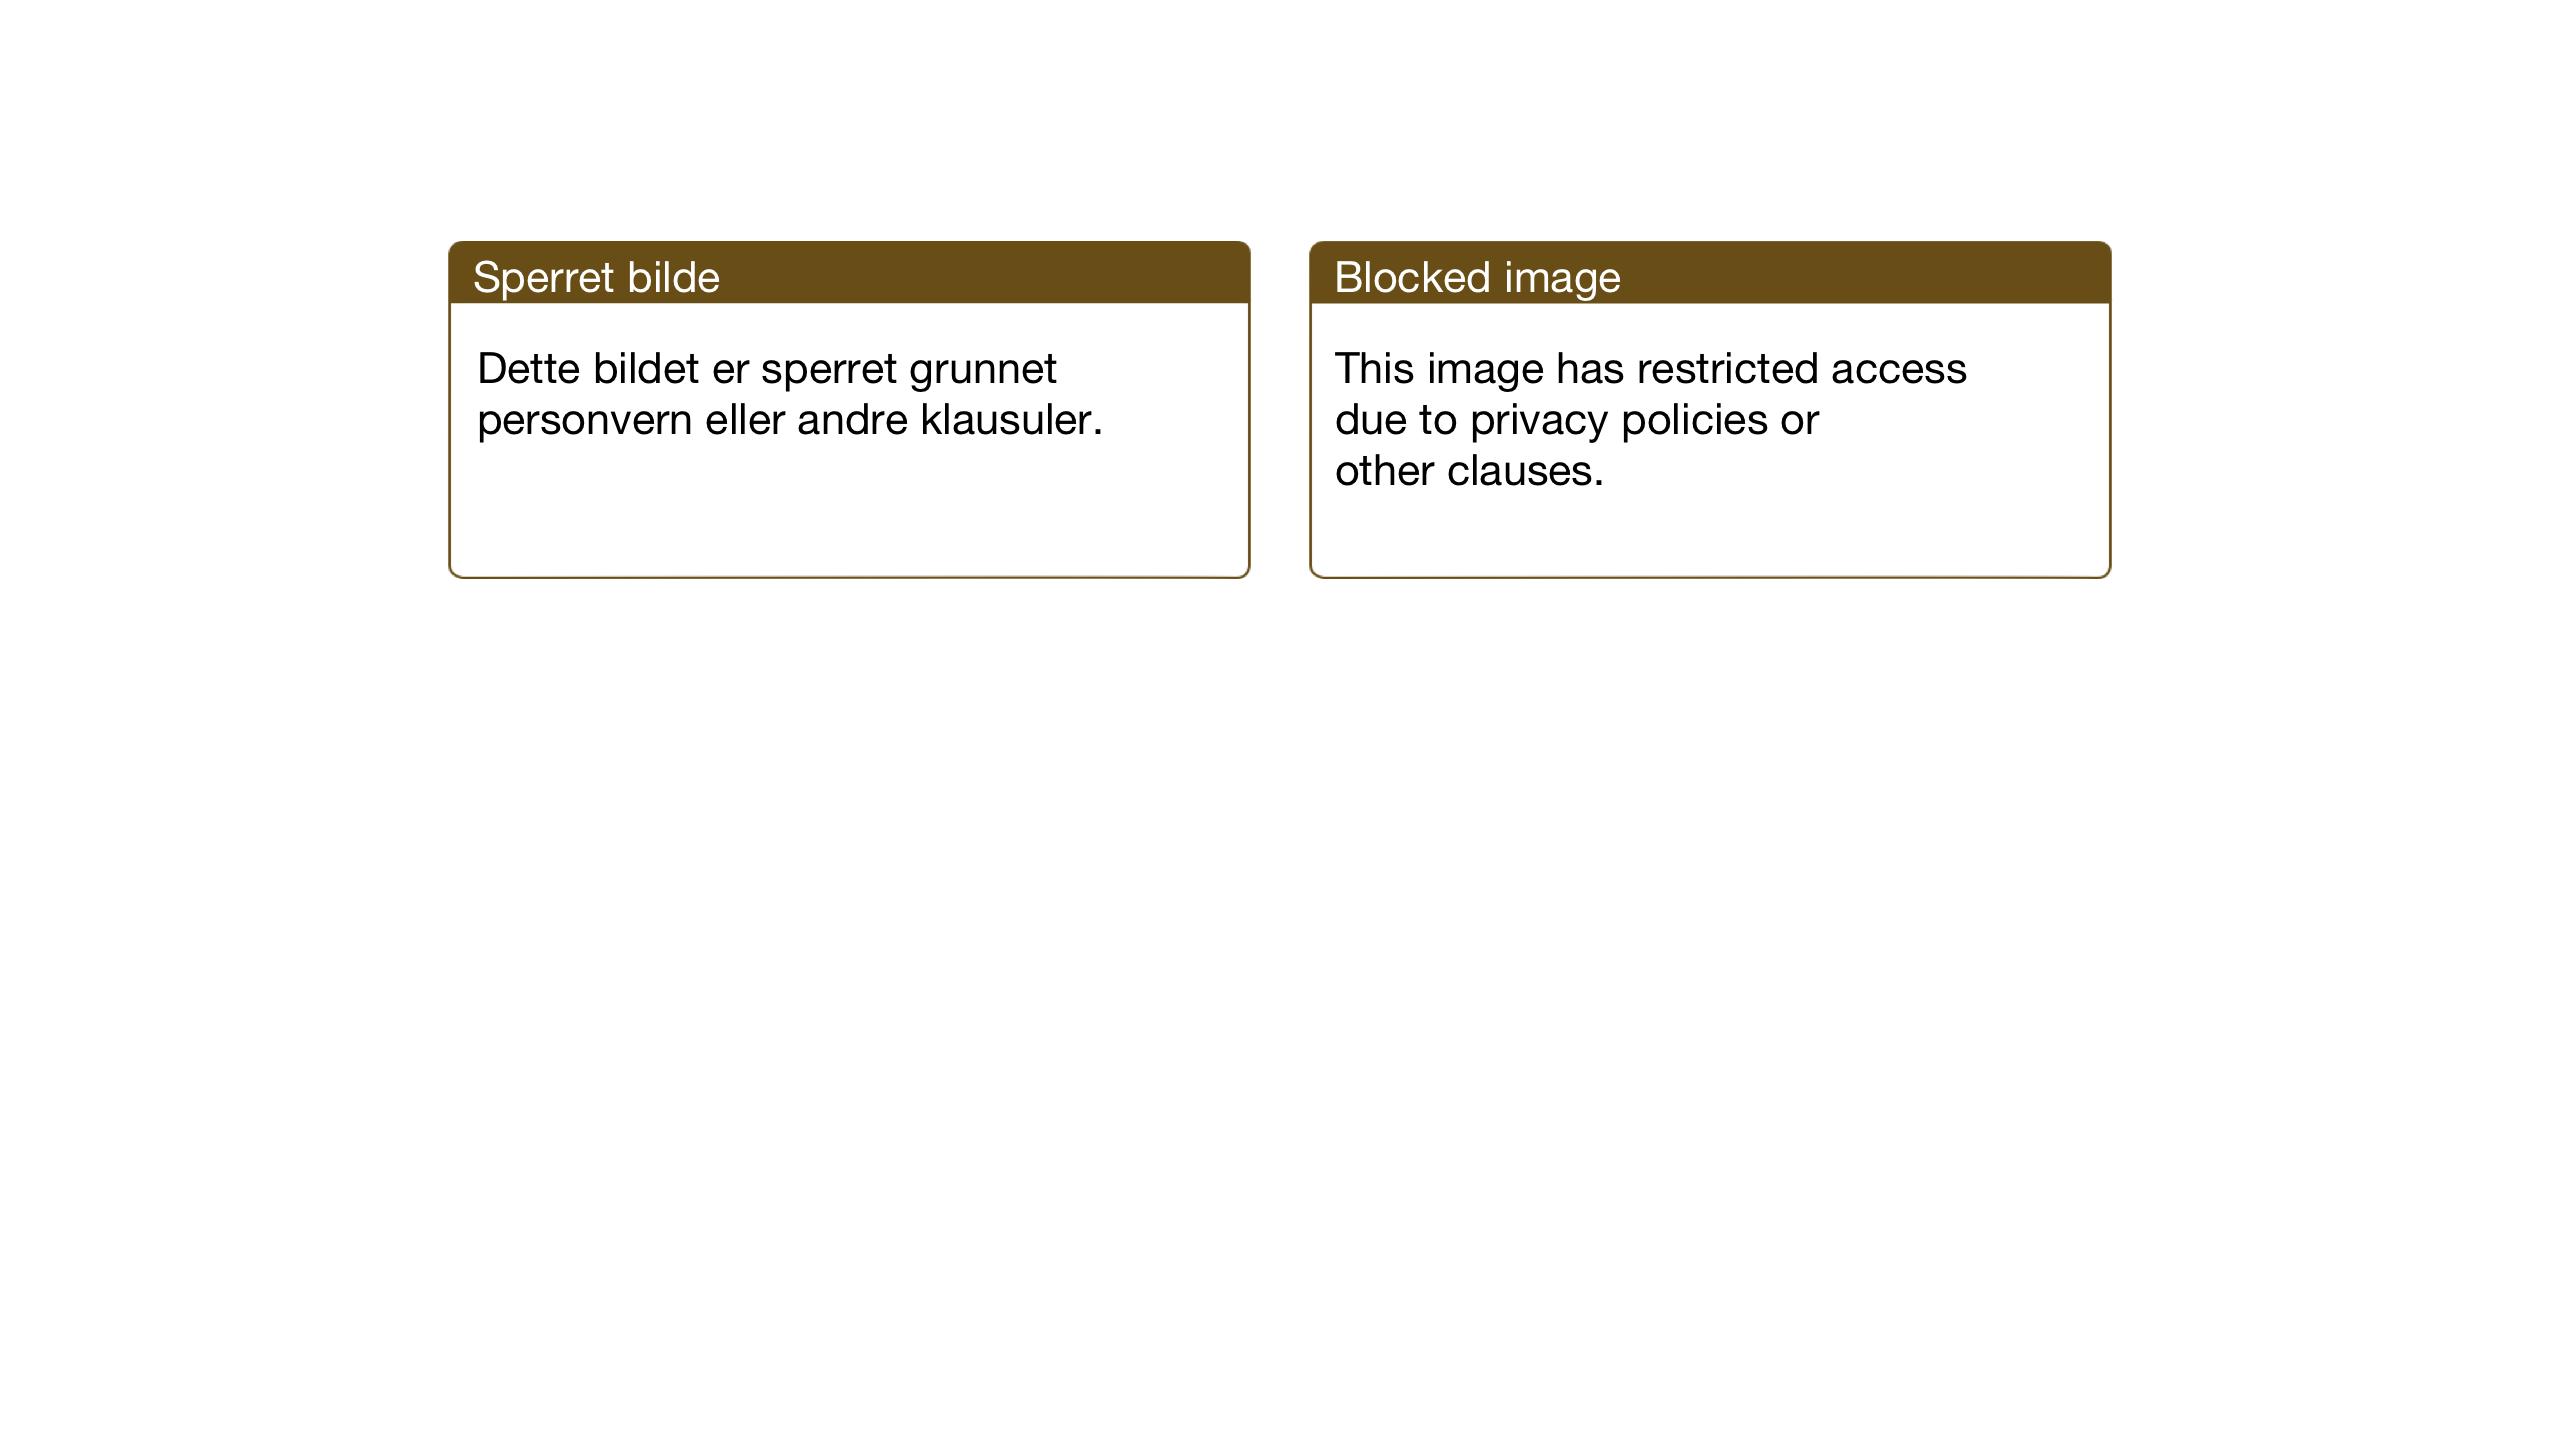 RA, Justisdepartementet, Sivilavdelingen (RA/S-6490), 1998, s. 1